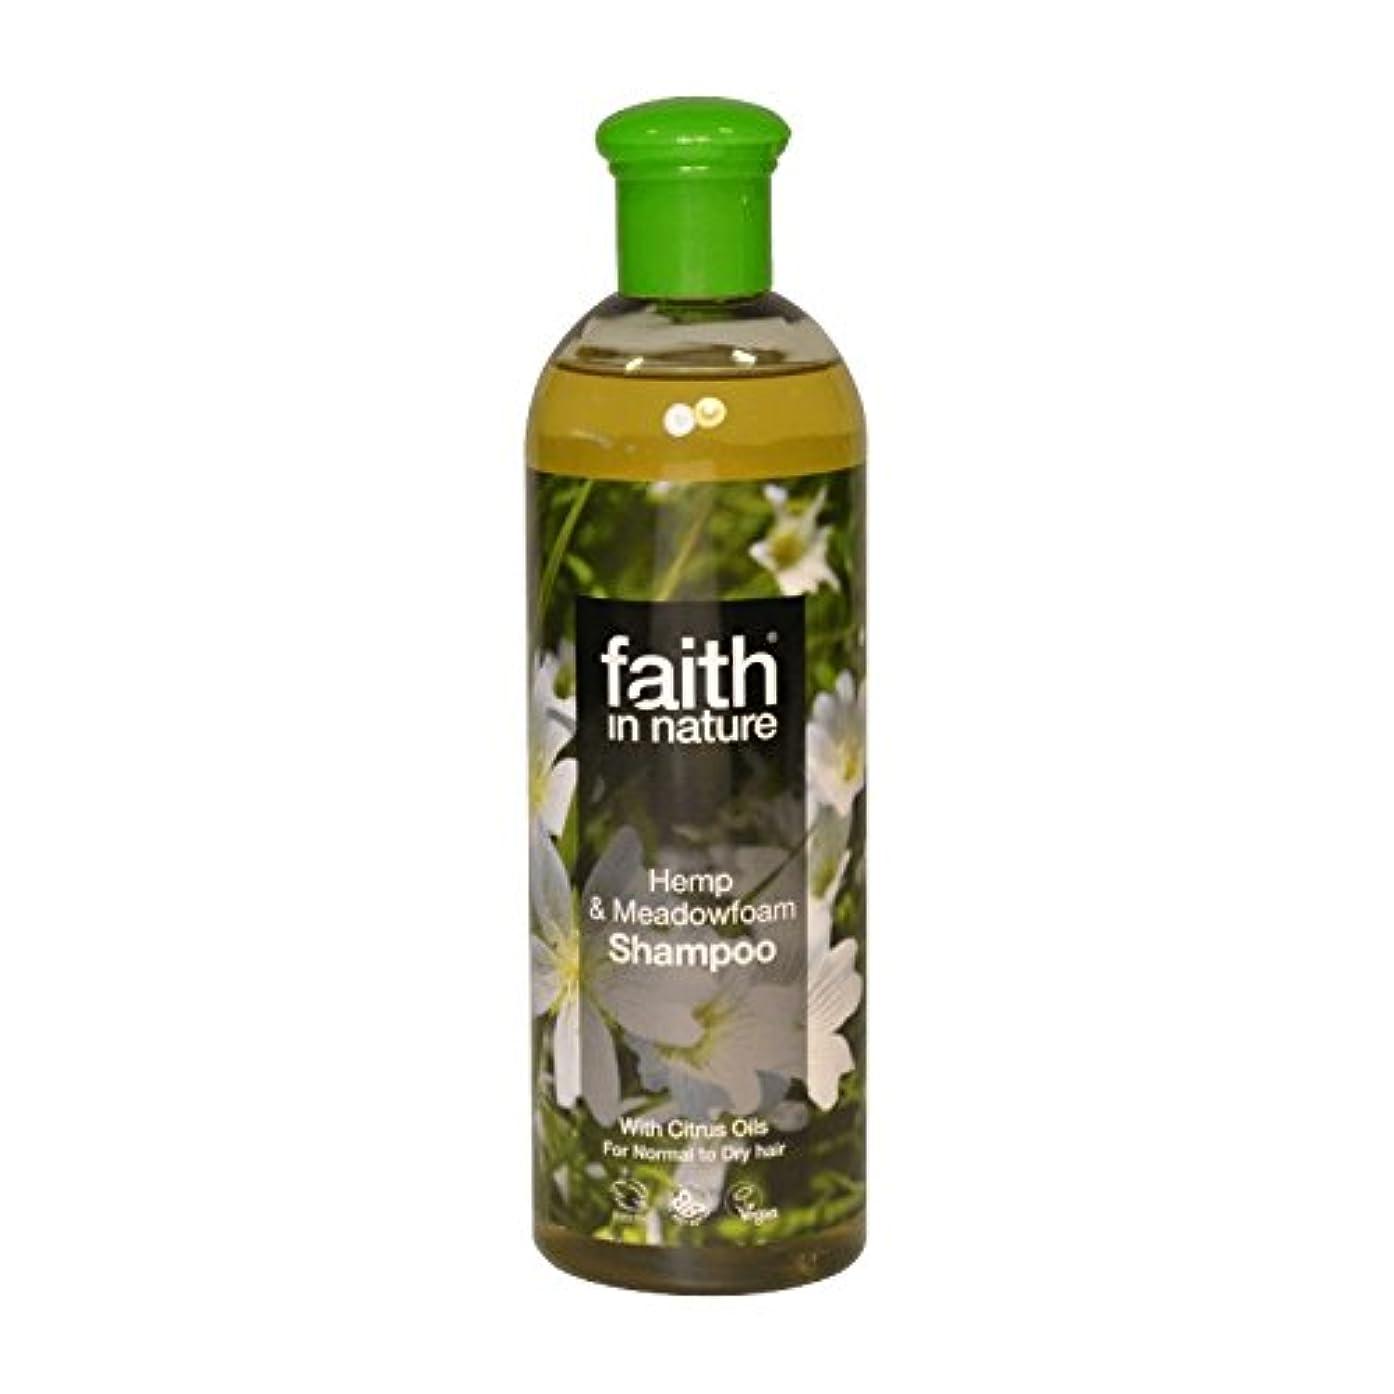 似ている教育者可決Faith in Nature Hemp & Meadowfoam Shampoo 400ml (Pack of 6) - 自然の麻&メドウフォームシャンプー400ミリリットルの信仰 (x6) [並行輸入品]